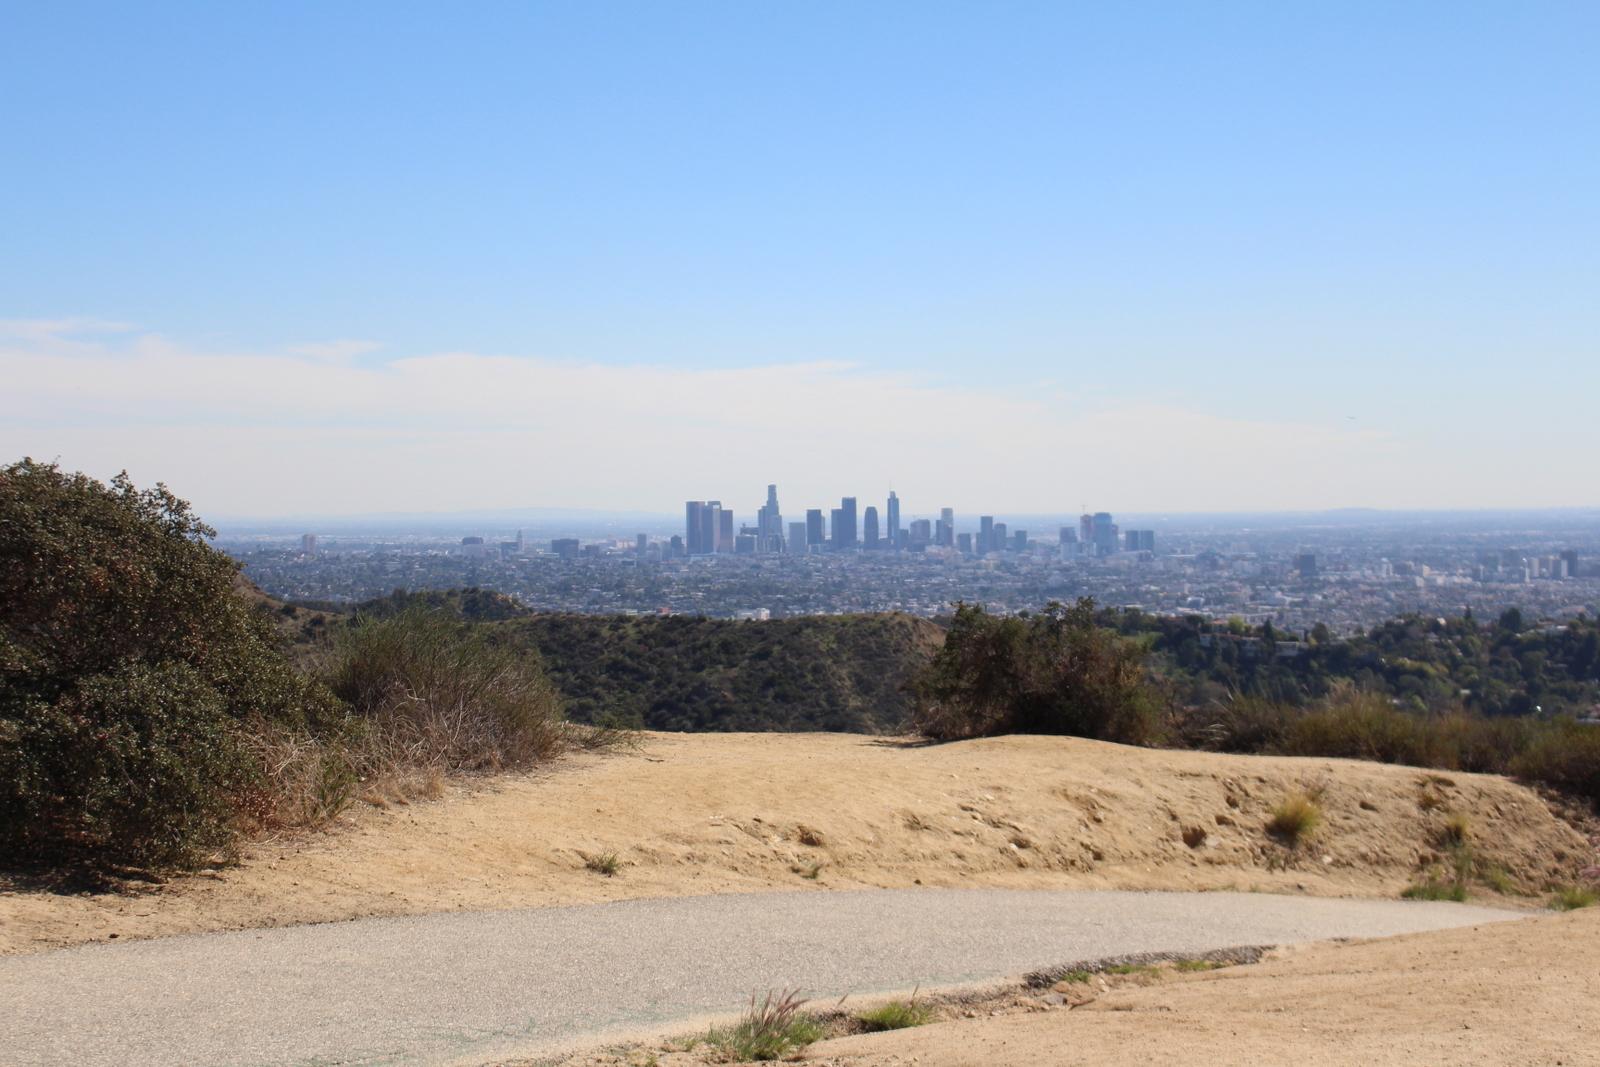 View of Downtown LA